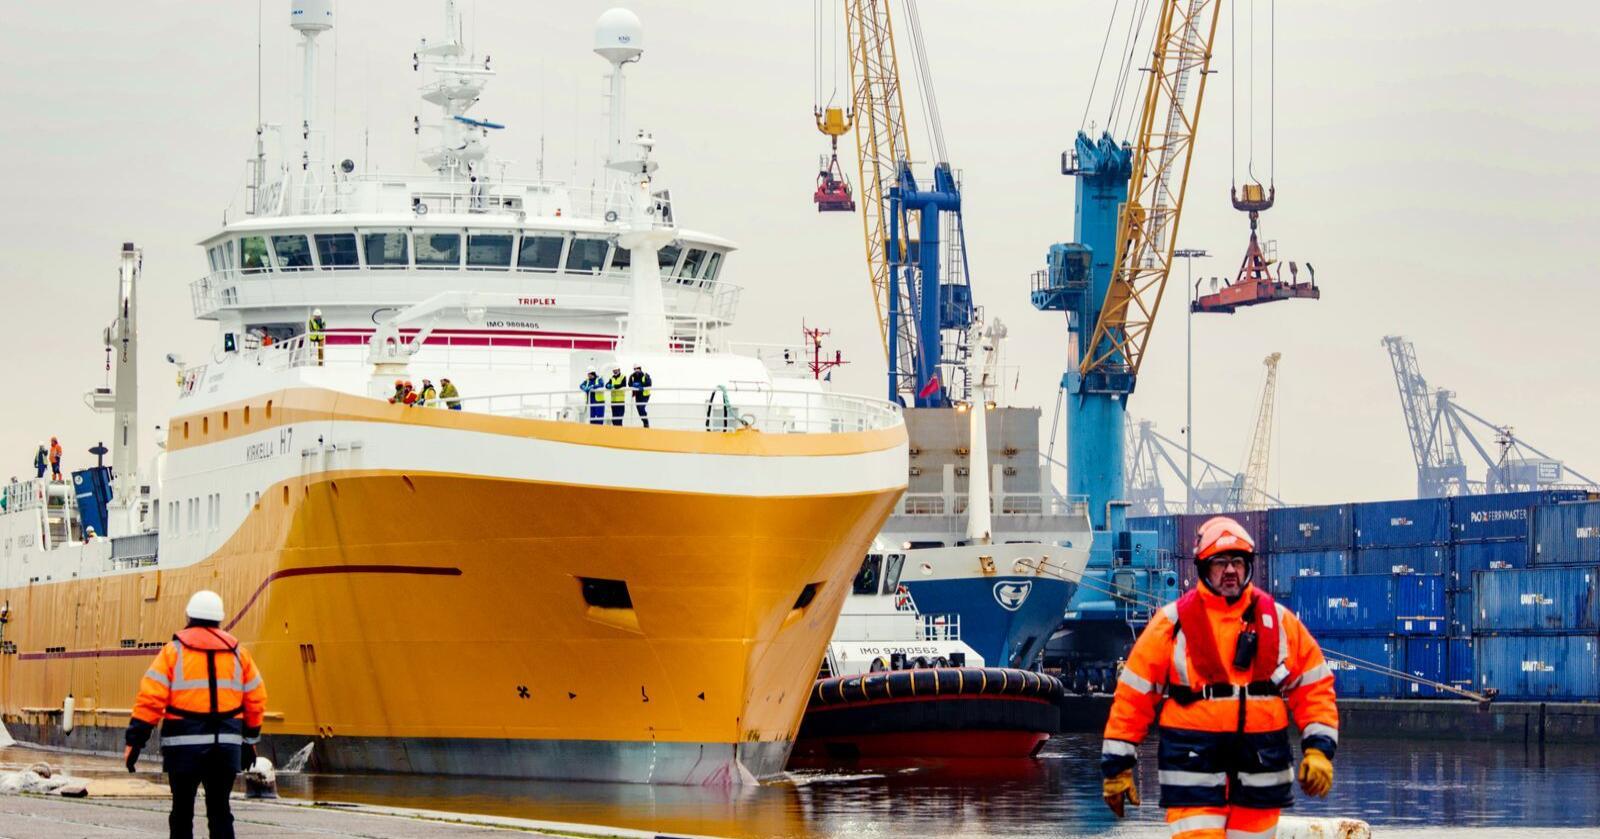 """Den britiske frysetråleren """"Kirkella"""", eid av UK Fisheries, tapte drakampen på britisk side mot skotske silde- og makrellfiskere da britene droppet fiskeriavtale med Norge. Den verdifulle pelagiske fiskekvoten kan nå være tapt for norske fiskere for lang tid, etter at norske og britiske forhandlere ble enig om å droppe en bilateral kvoteavtale for 2021. Foto: UK Fisheries"""